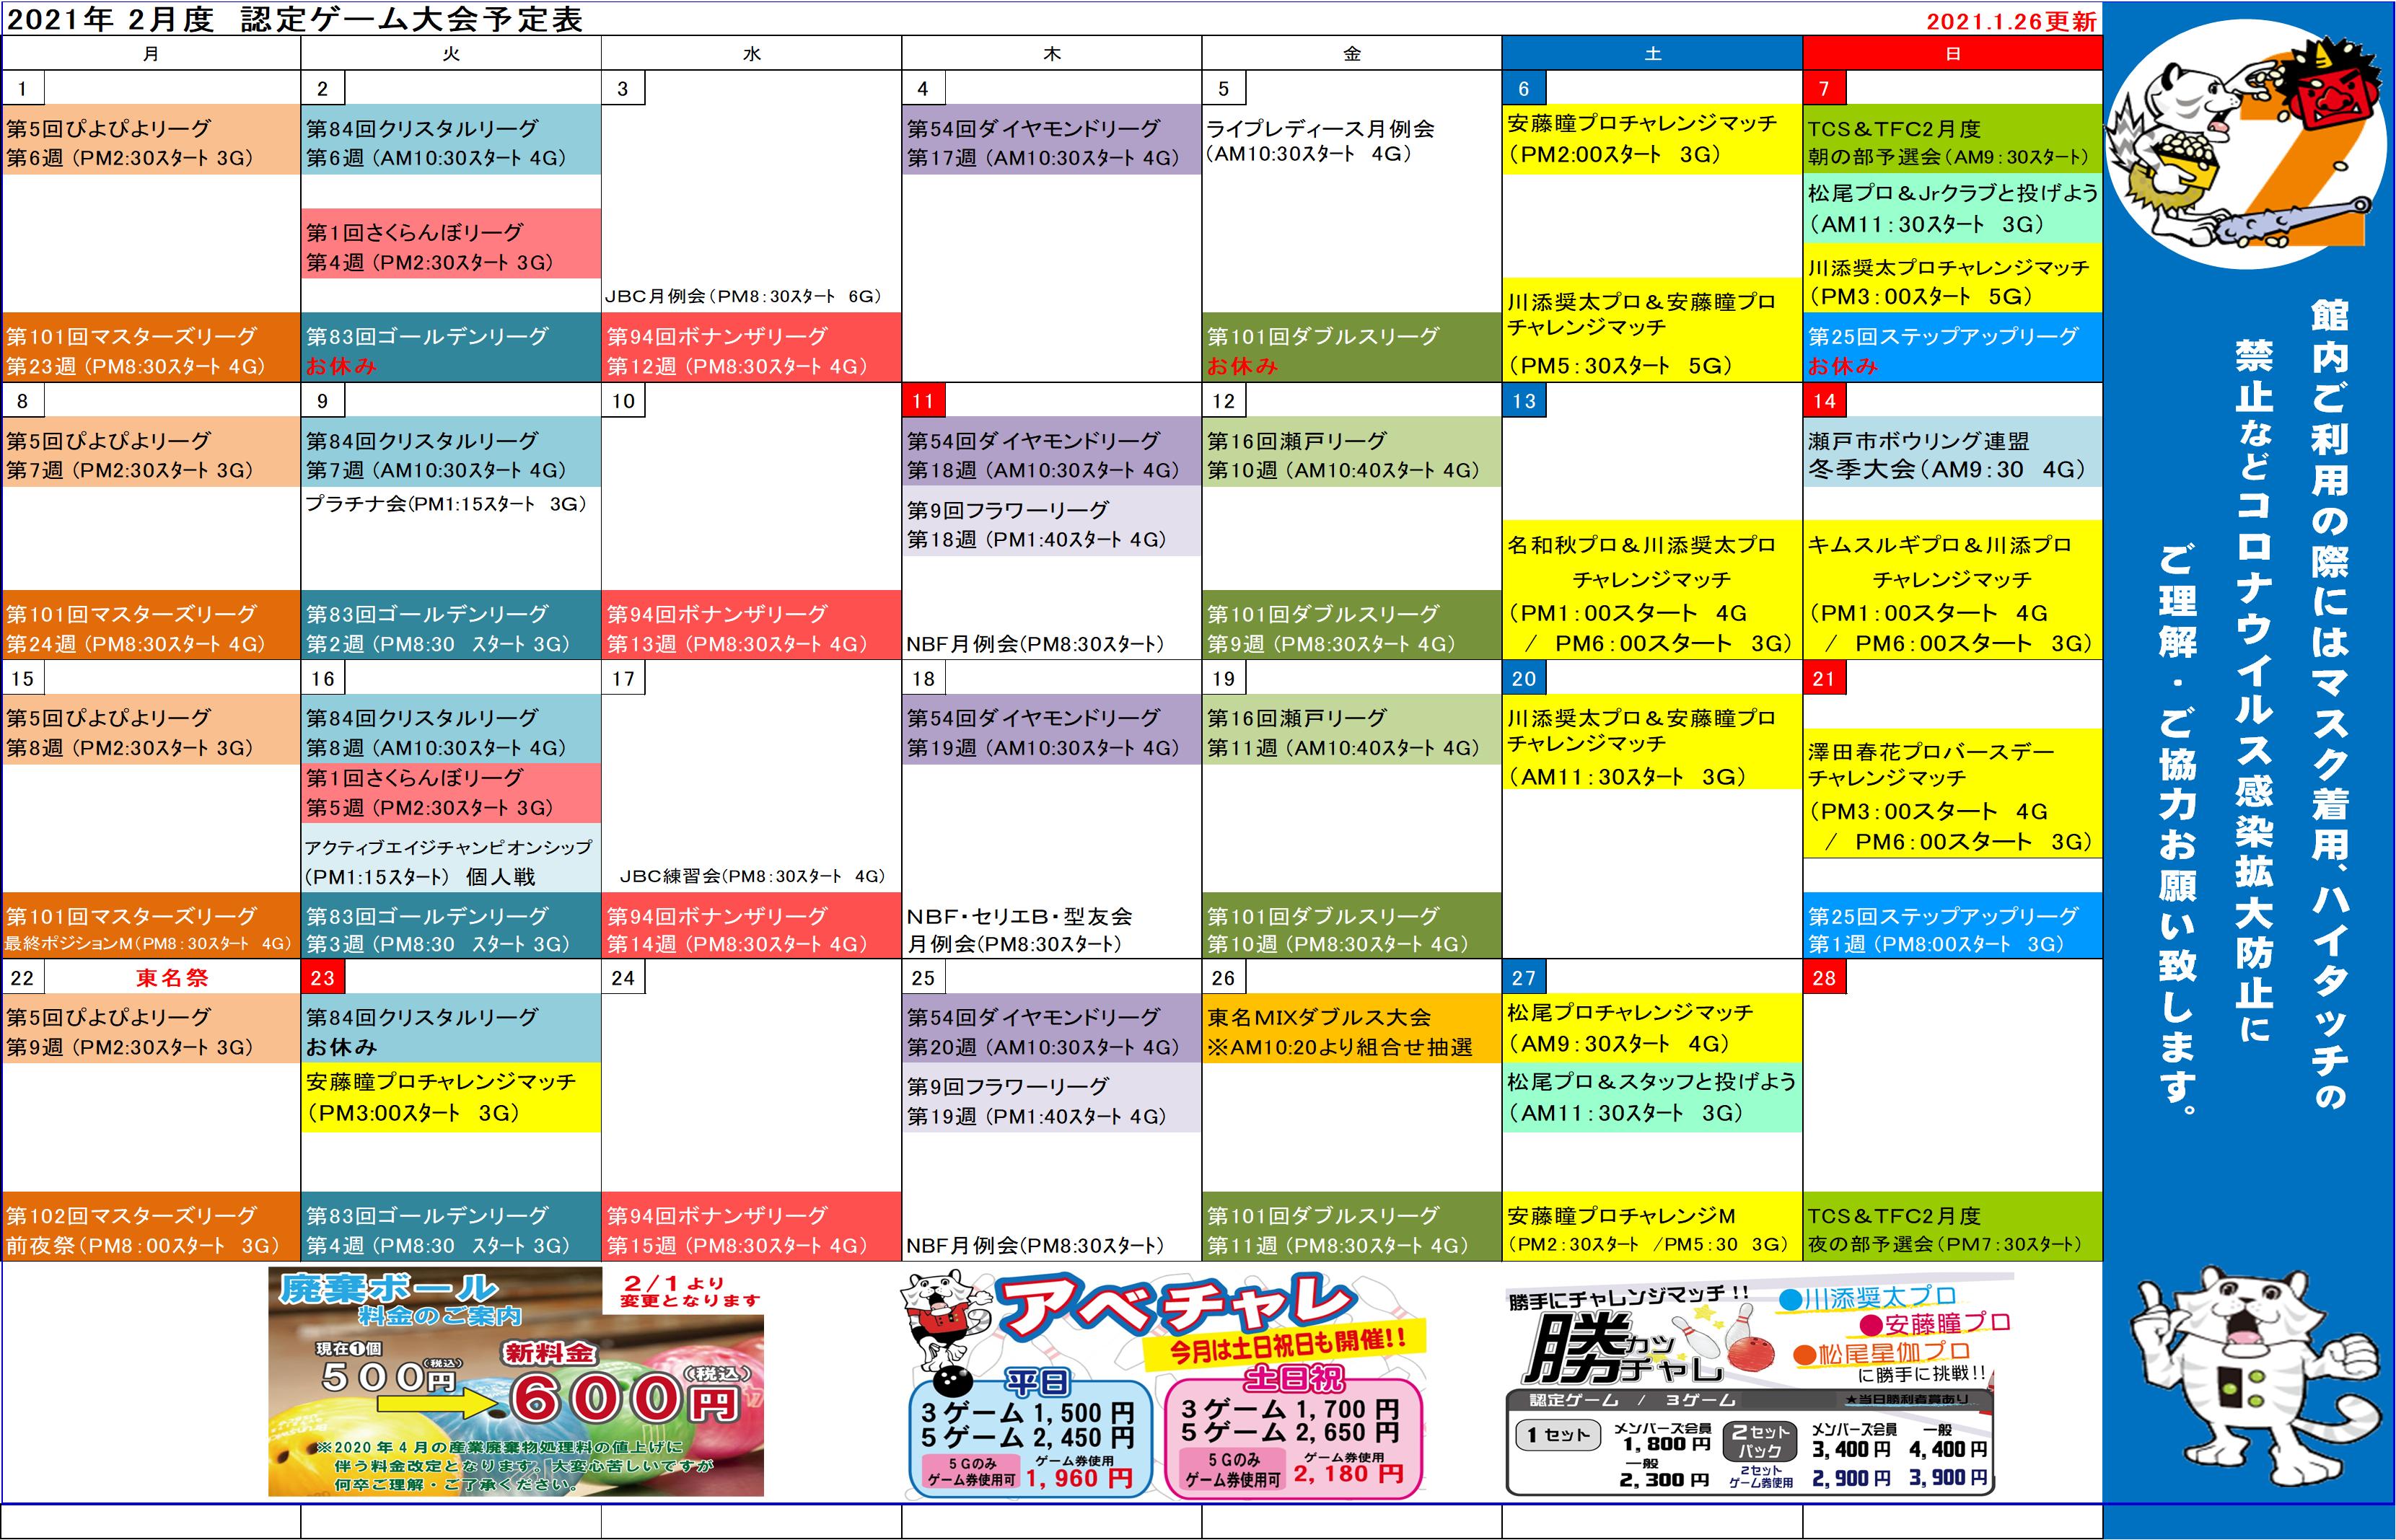 ★会員様向け2月認定ゲーム大会予定表